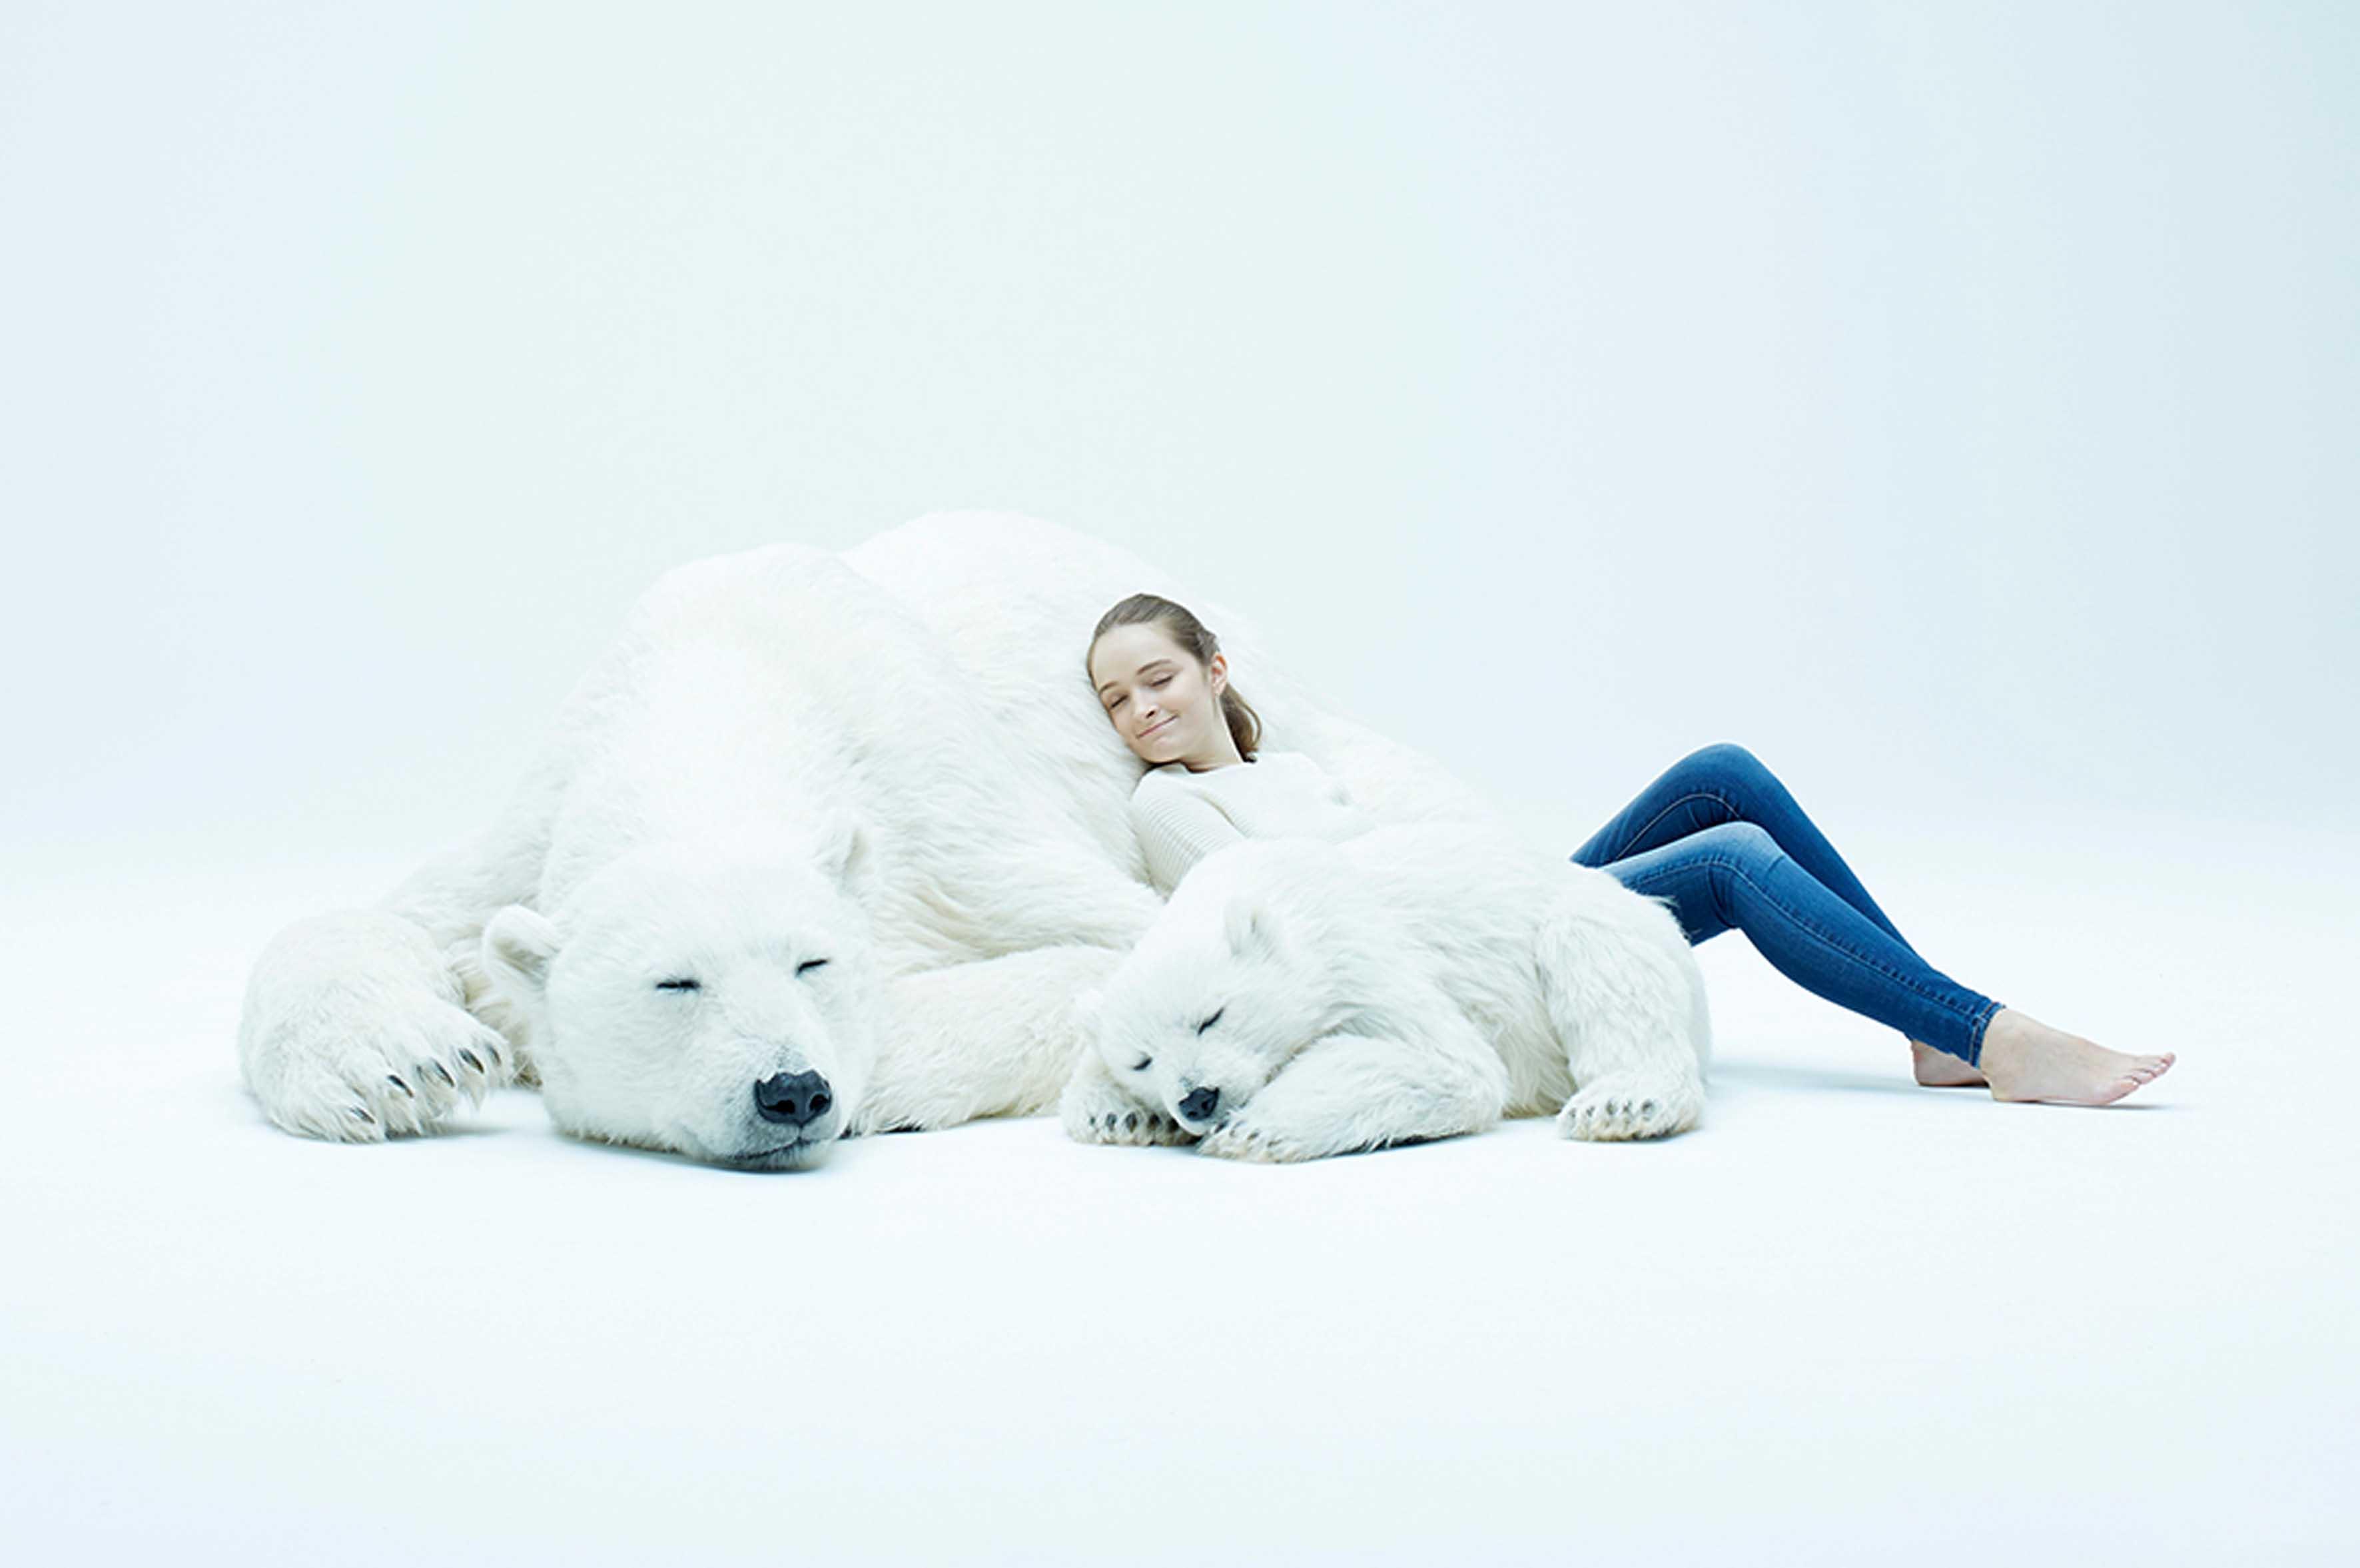 Sembrano veri ma sono finti: azienda crea copie di orsi polari per aiutare la fauna selvatica